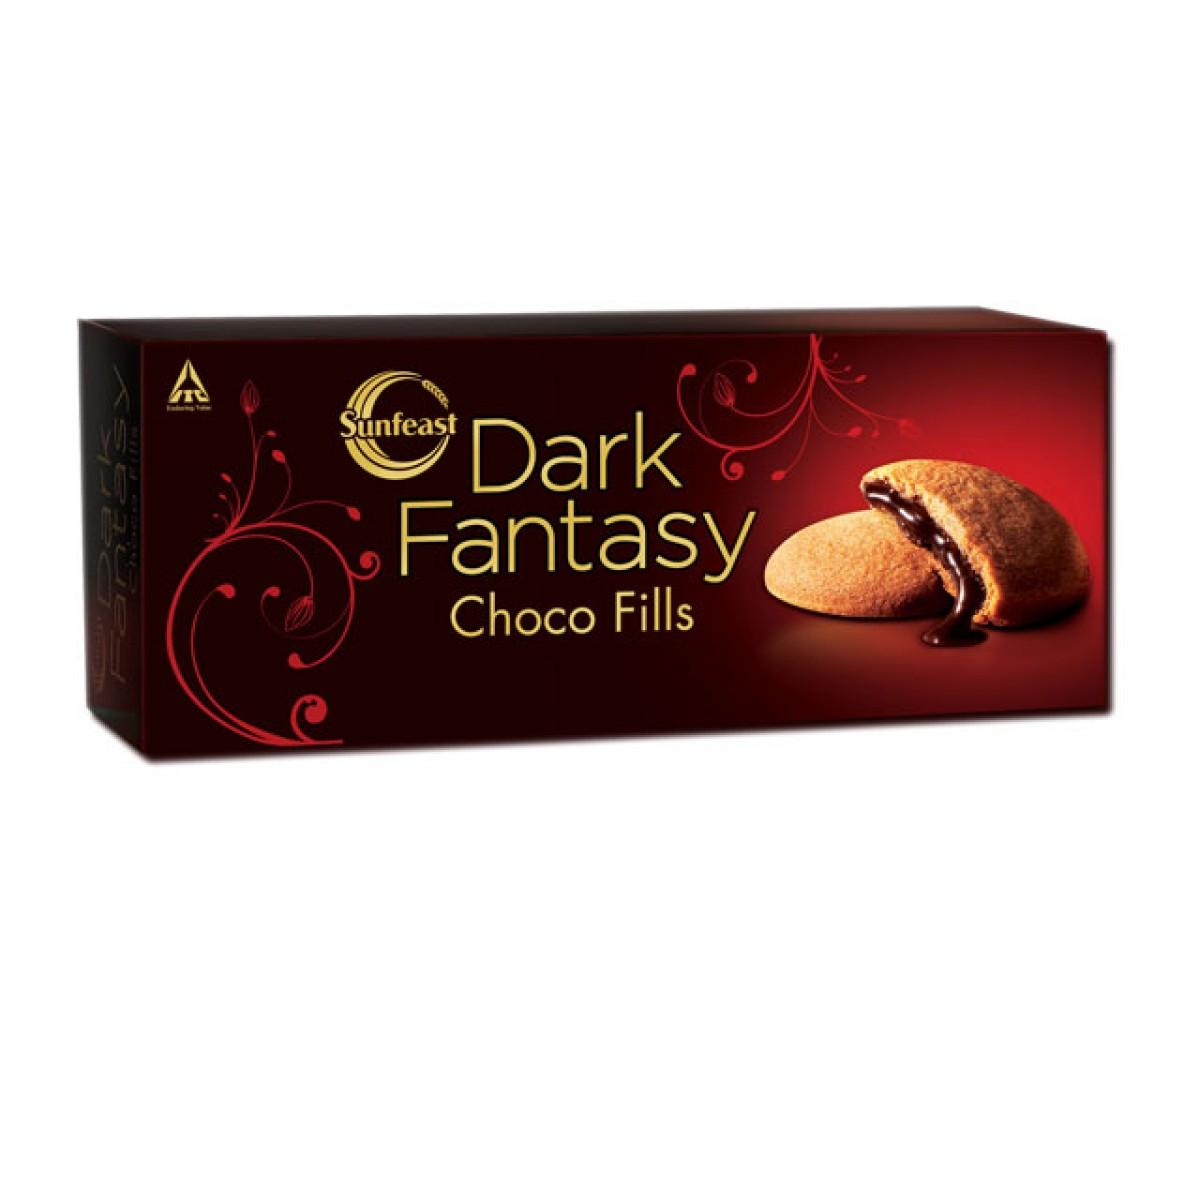 Sunfeast Dark Fantasy Choco Fills Biscuit Easybuy Lk